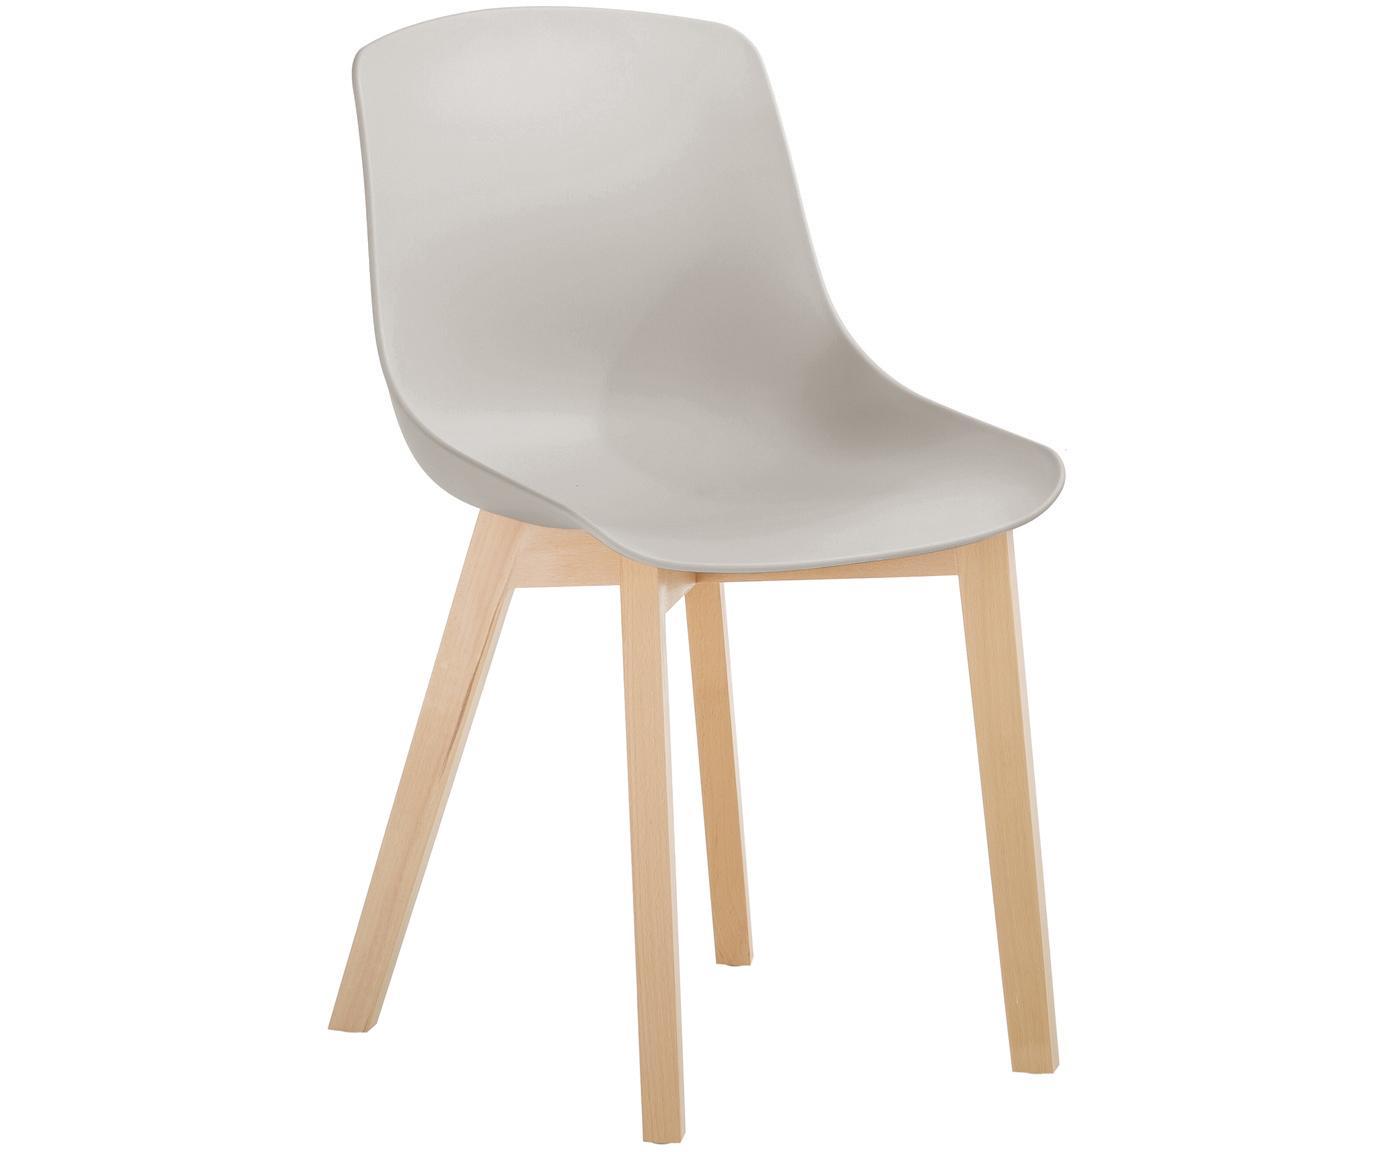 Sedia in plastica con gambe in legno Dave 2 pz, Seduta: materiale sintetico, Gambe: legno di faggio, Grigio beige, Larg. 46 x Alt. 52 cm